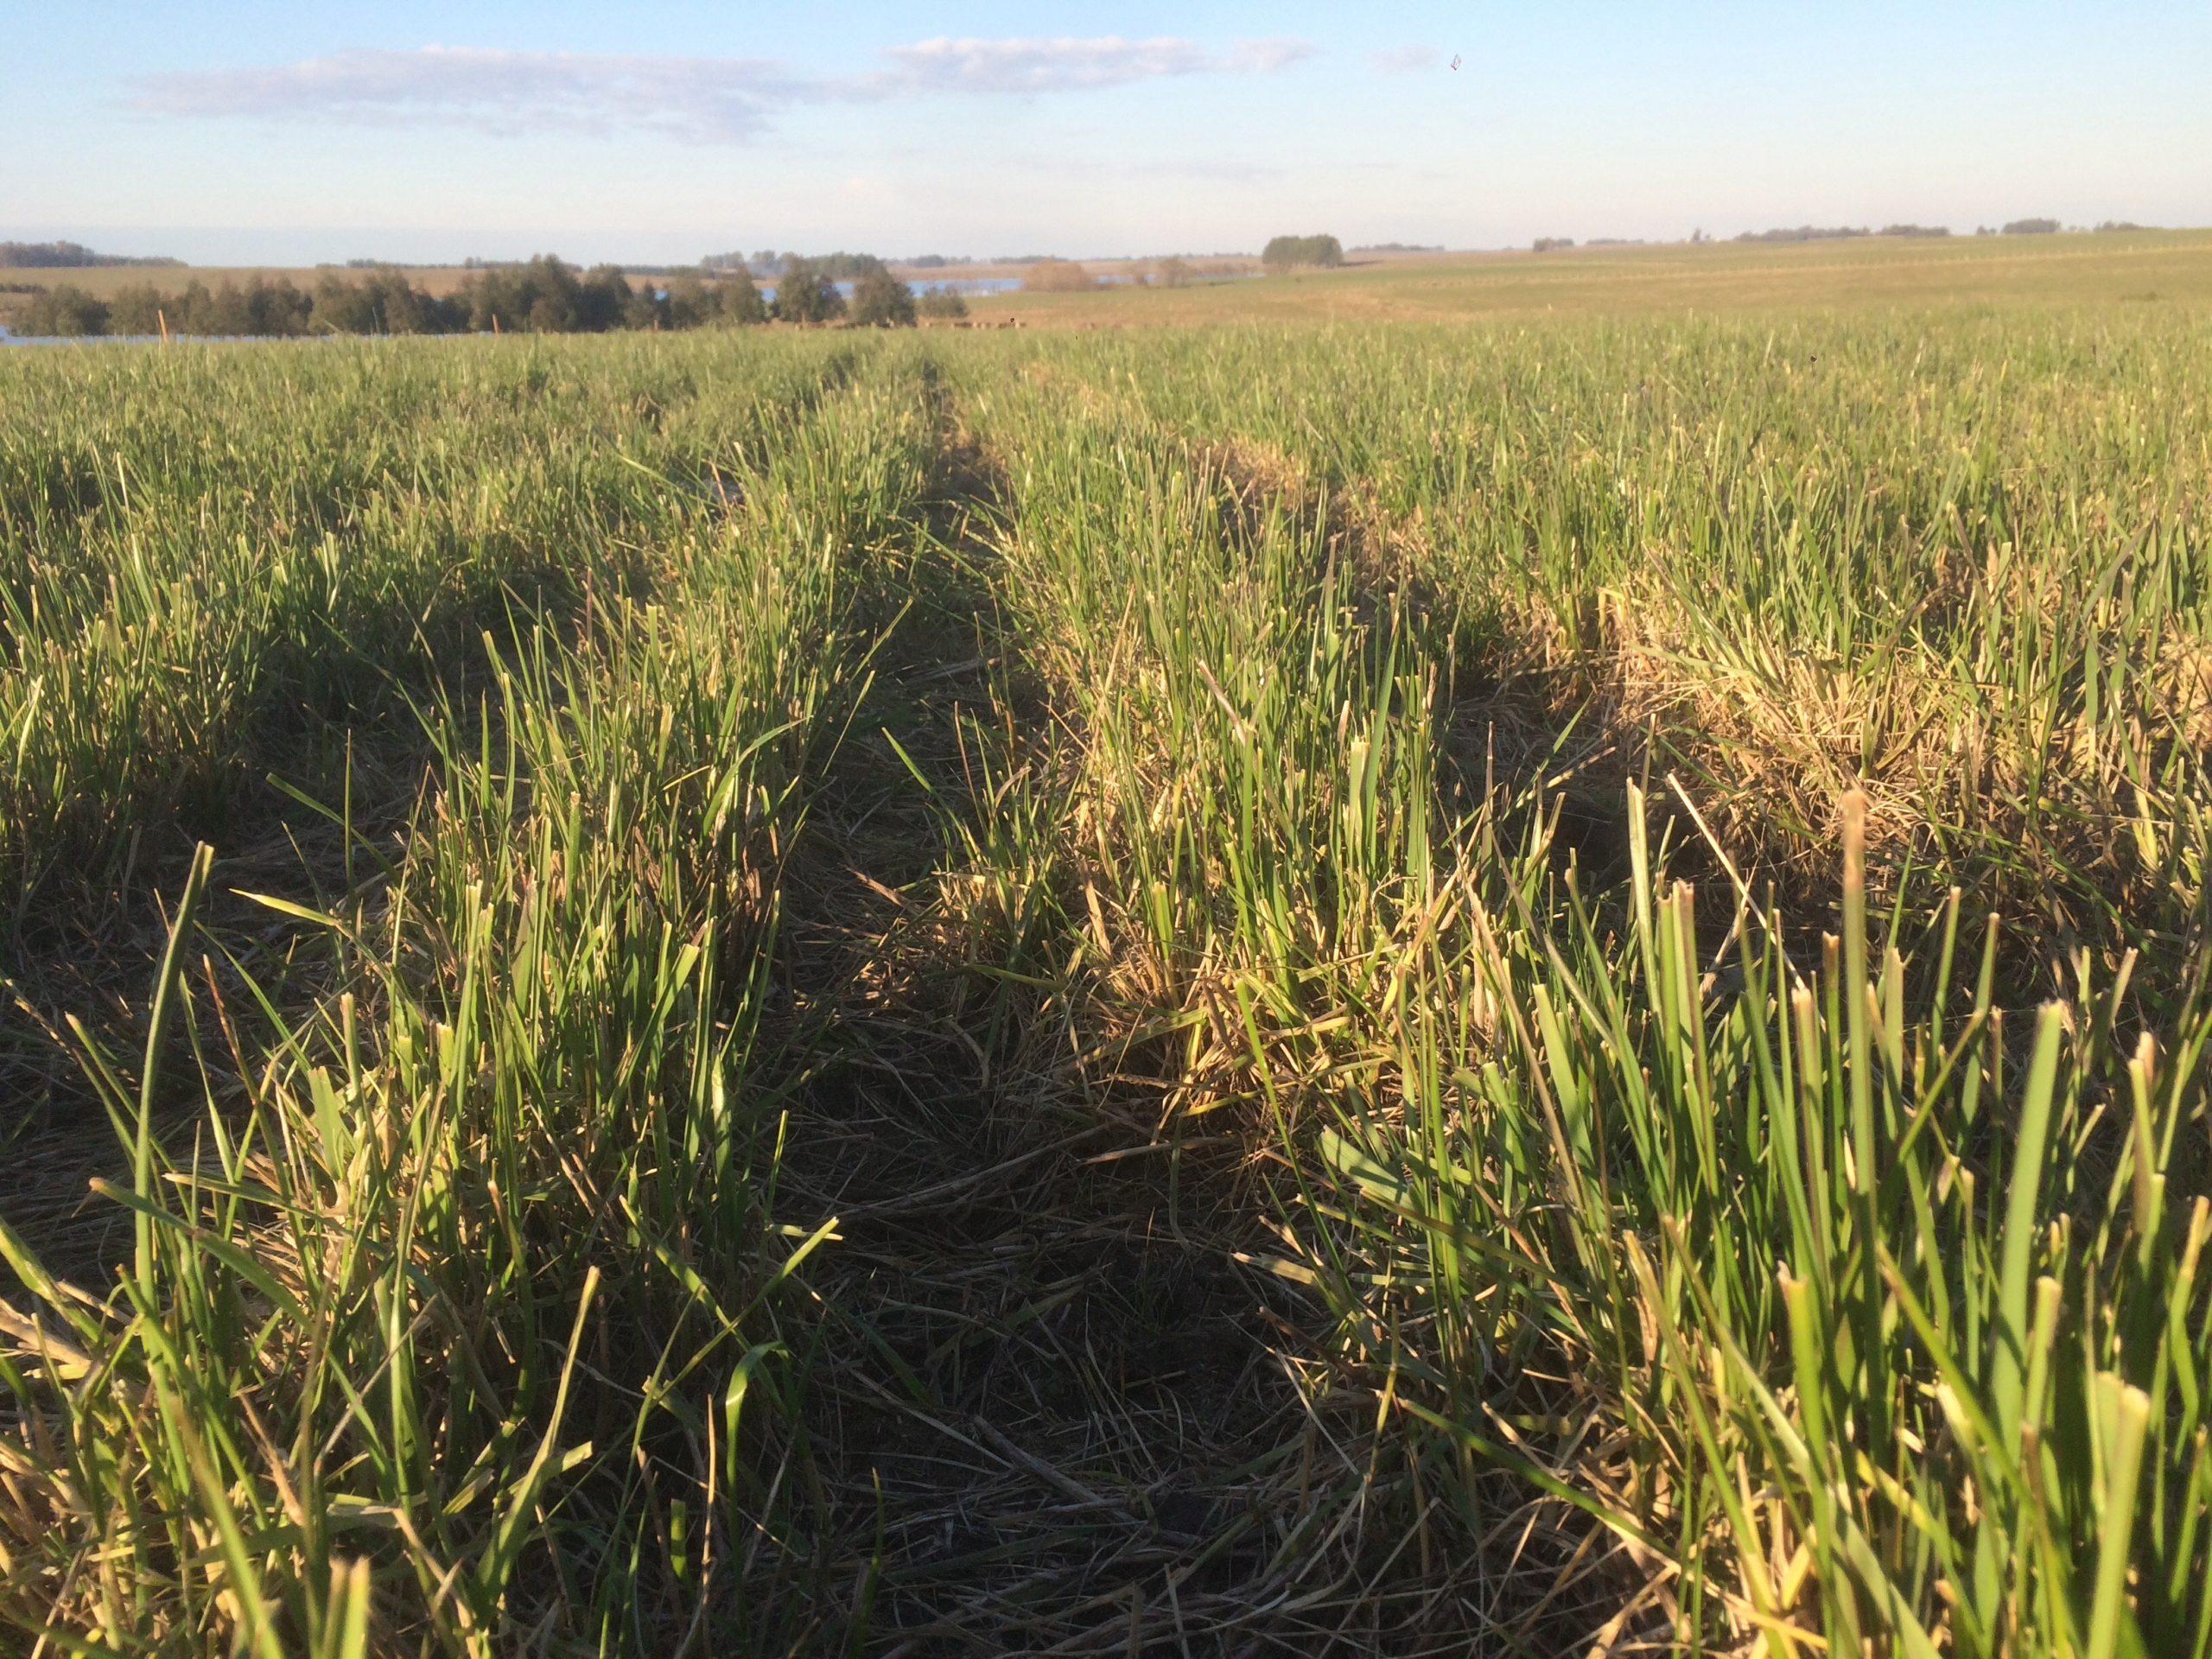 Alfalfa + Festuca: sinergia y optimización del recurso forrajero todo el año